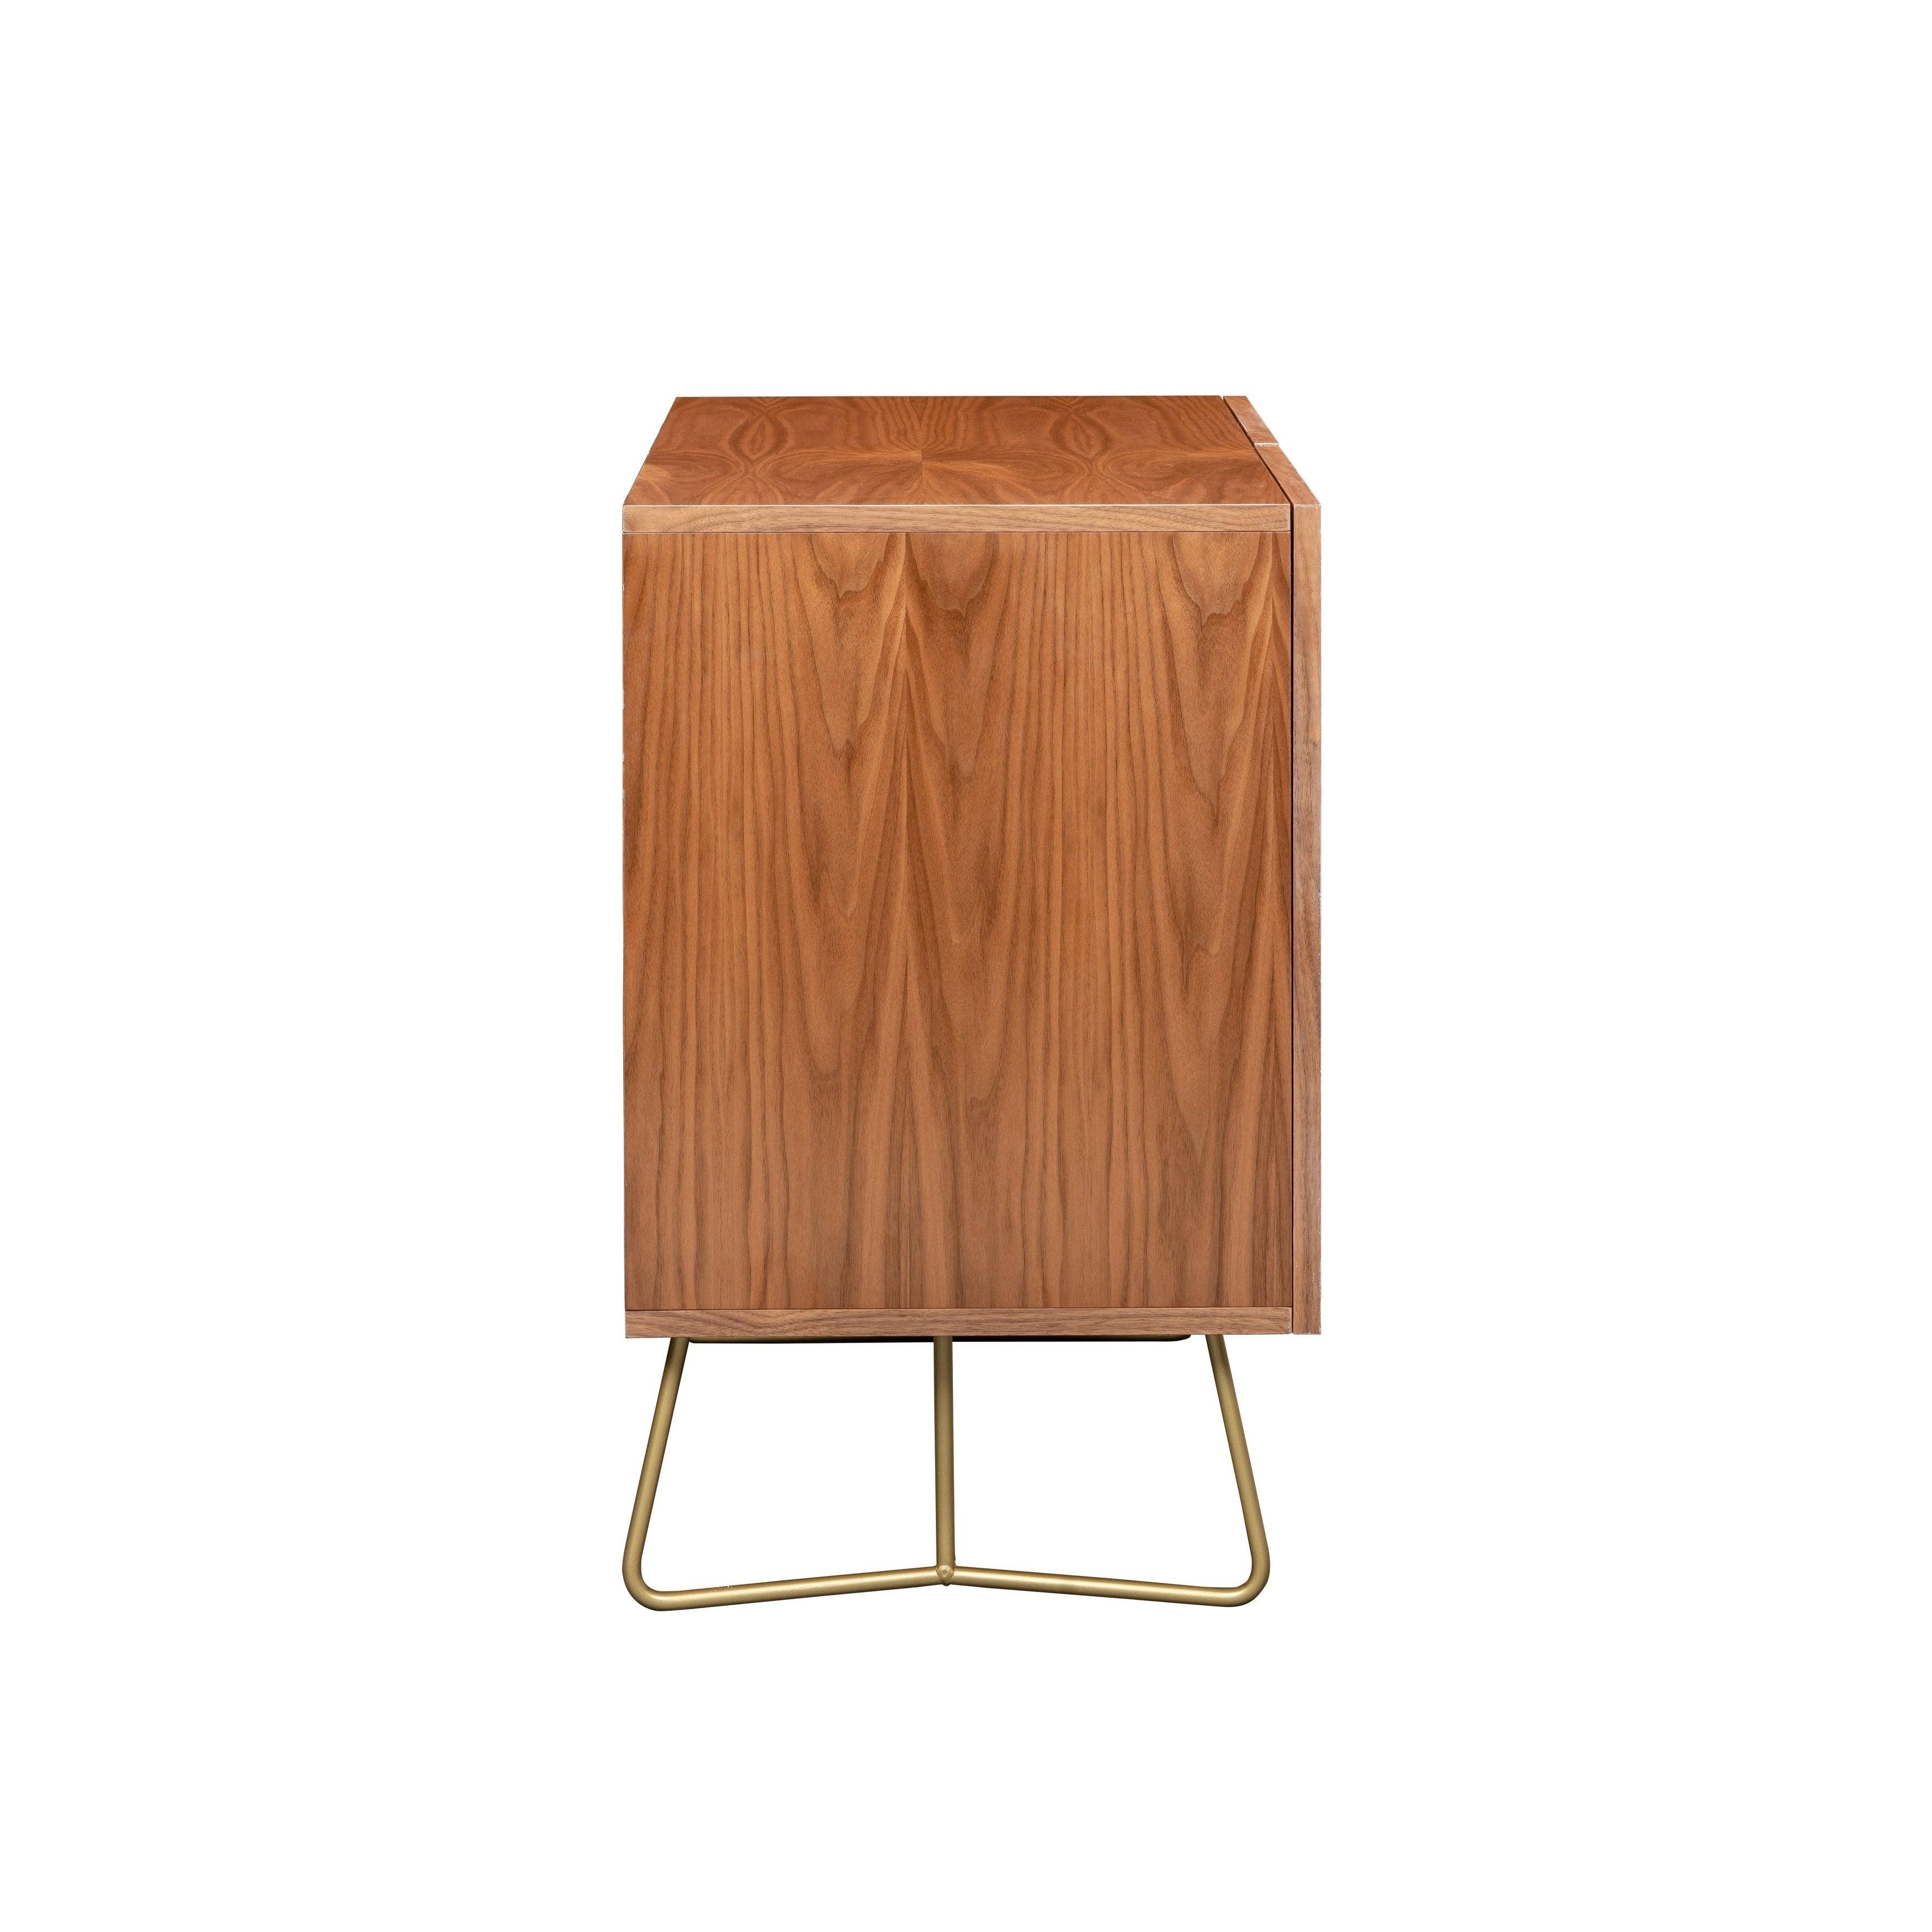 Deny Designs Emerald Cubes Credenza (Birch Or Walnut, 2 Leg Options) Inside Emerald Cubes Credenzas (Gallery 8 of 30)